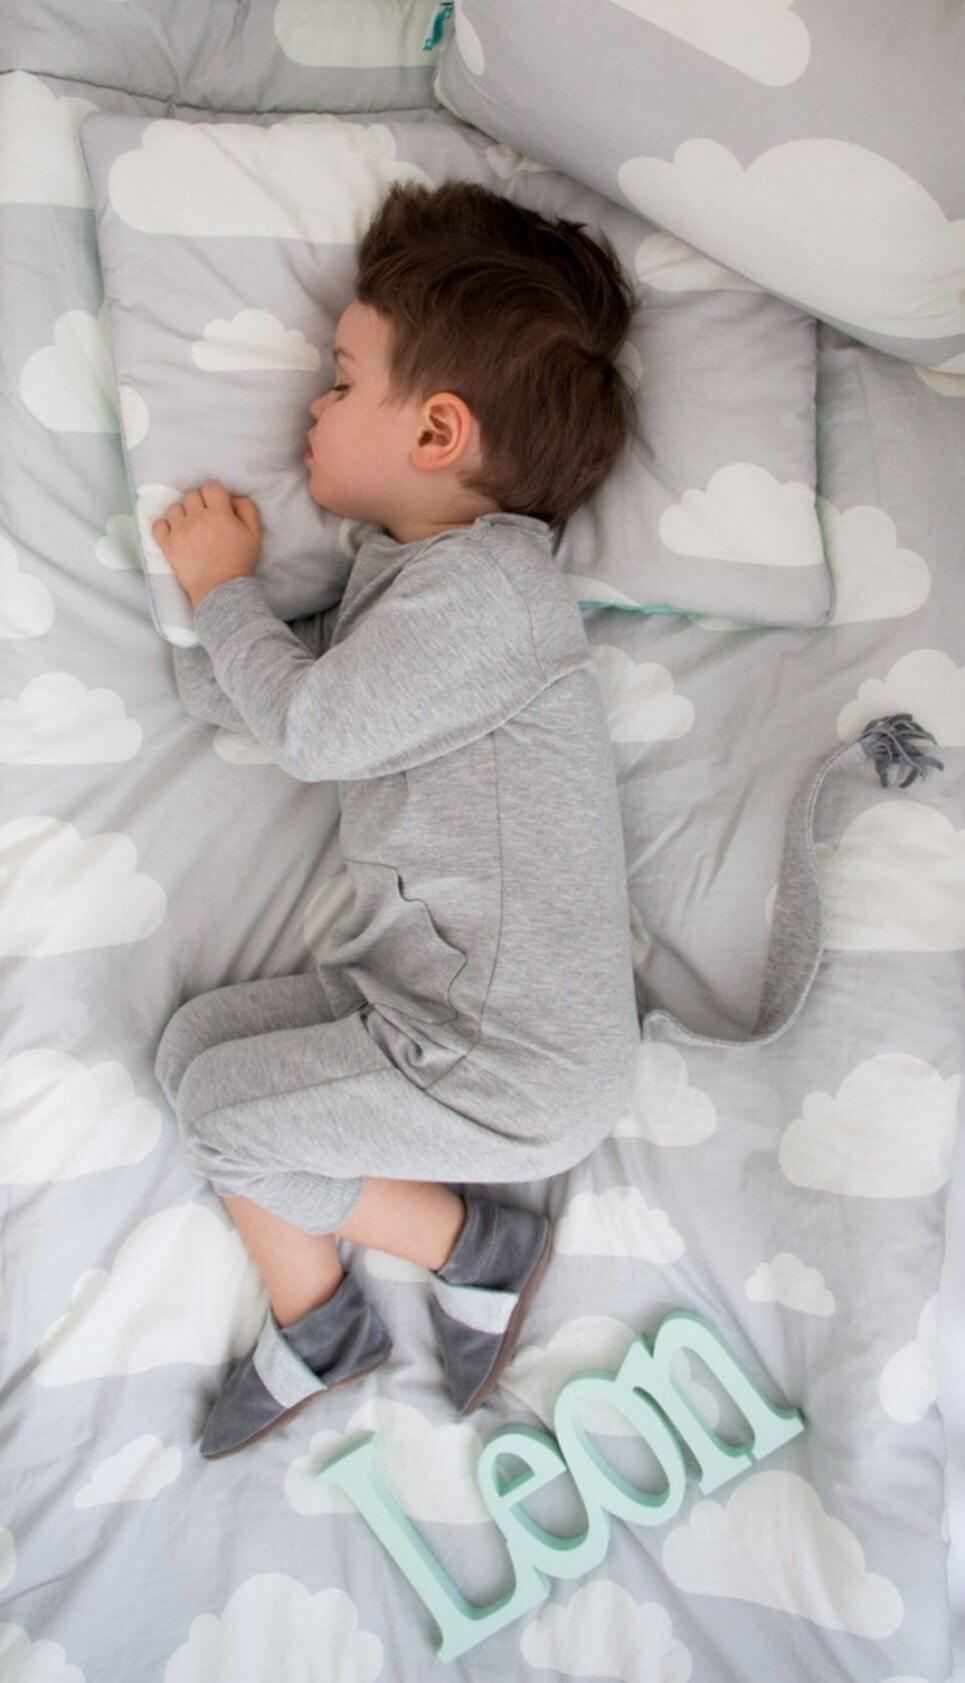 Pink & Grey Clouds Children's Bedding Set – 1